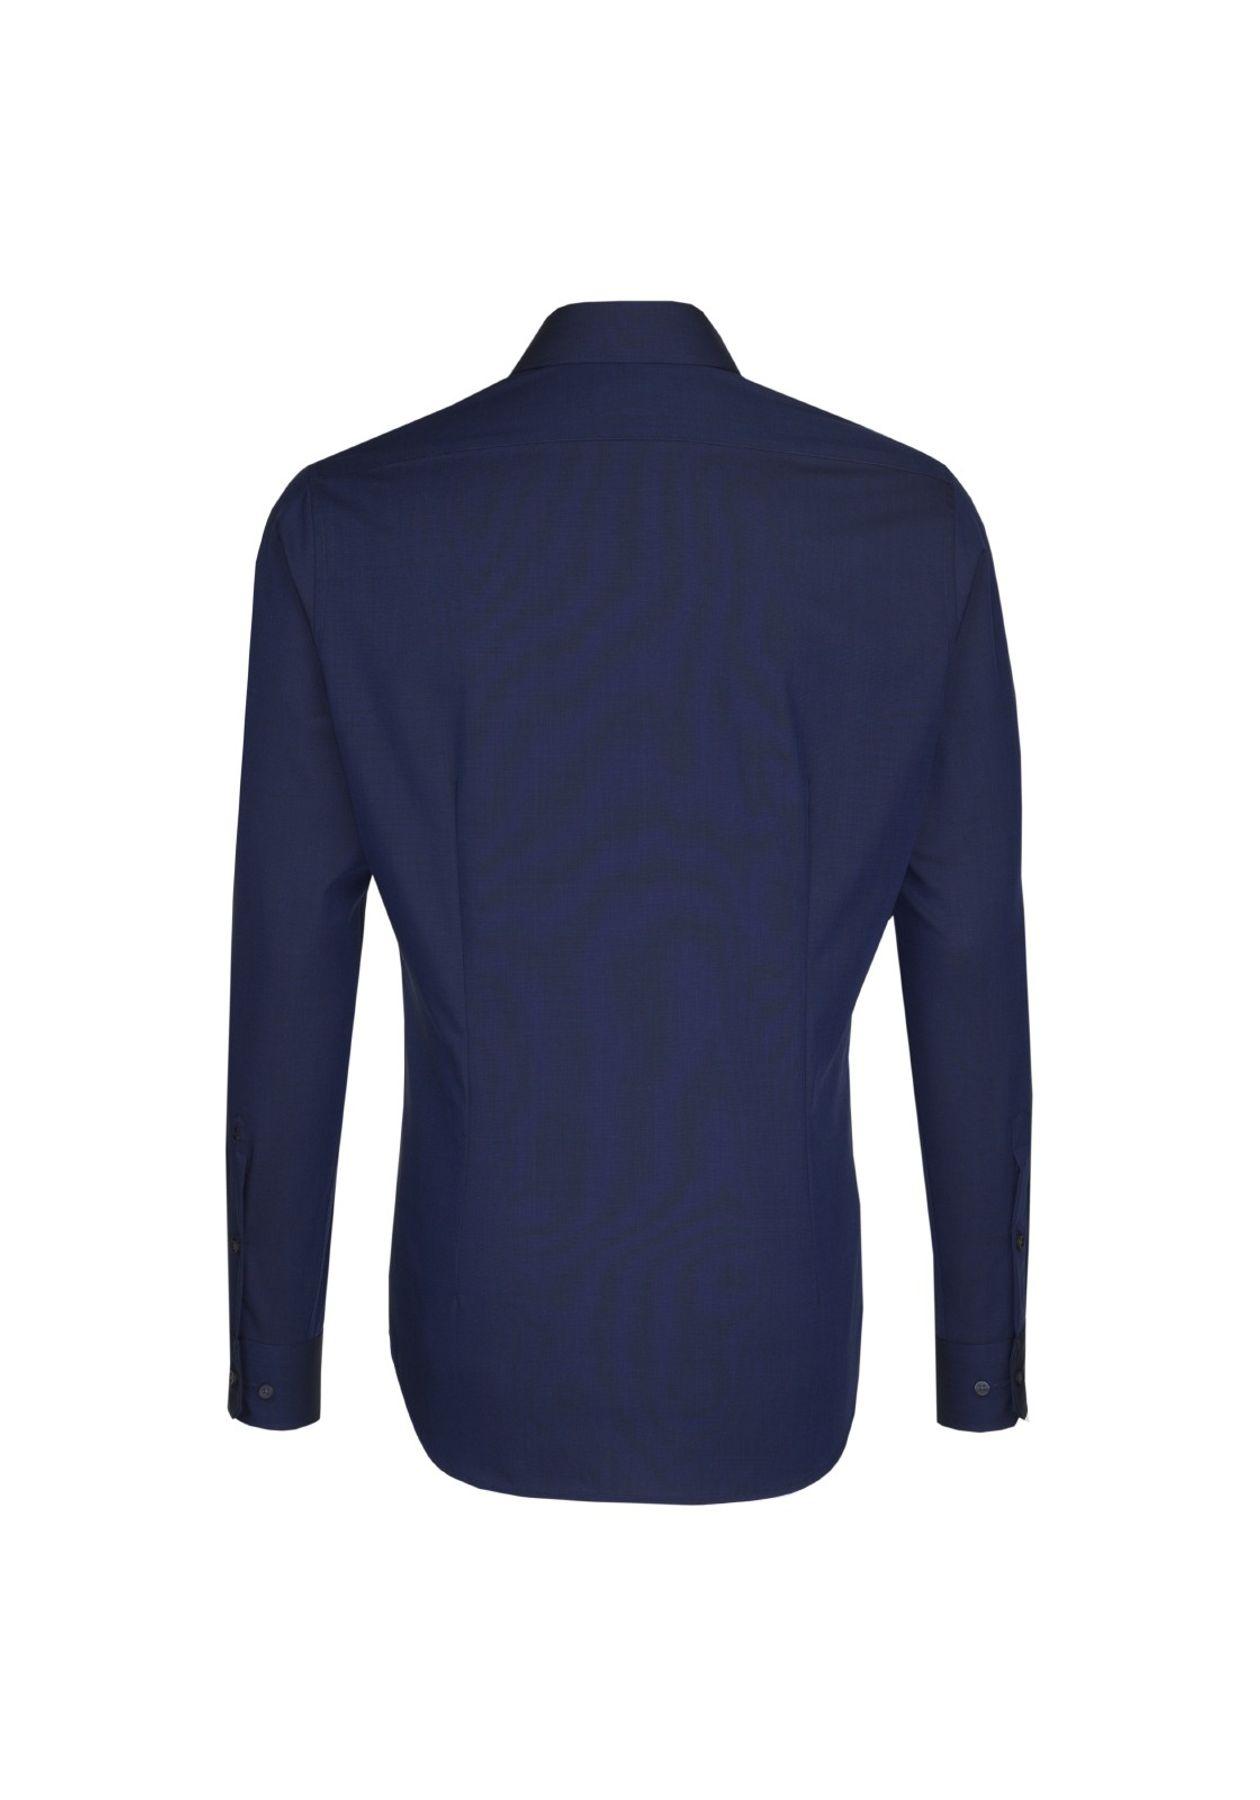 Seidensticker - Herren Hemd, Bügelfrei, Tailored, Schwarze Rose mit Kent Kragen in verschiedenen Farben (01.246236) – Bild 2